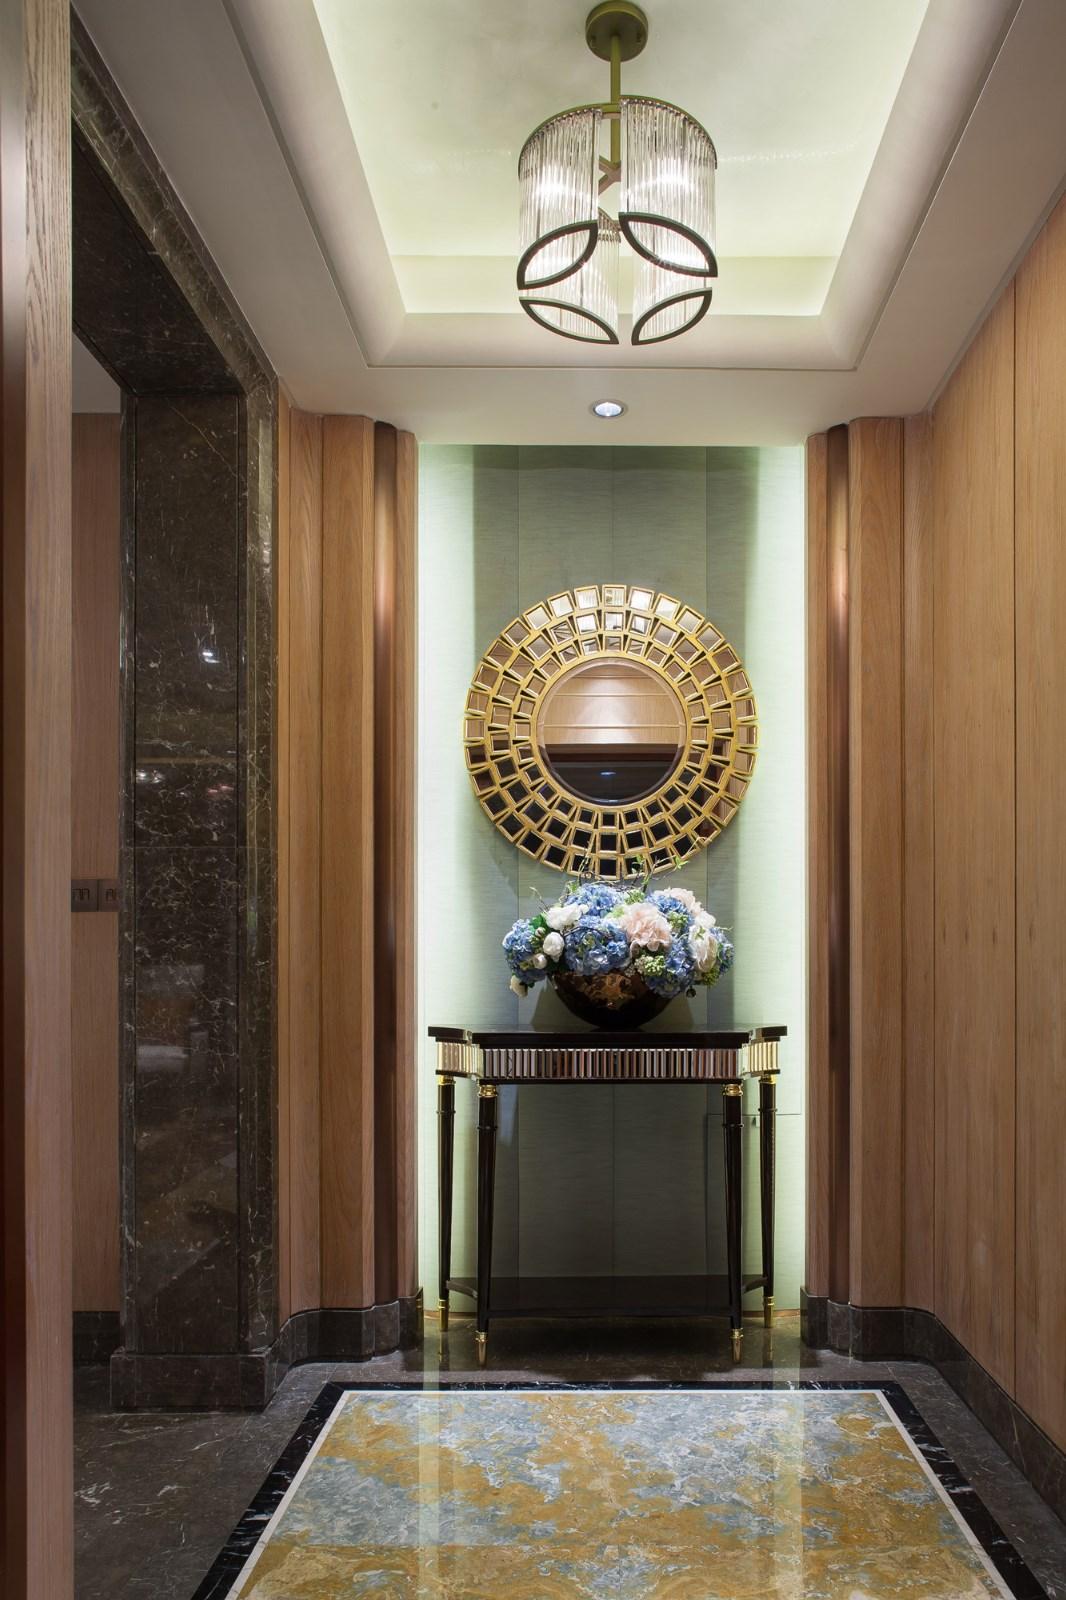 玄关深色大理石加入木质元素,温润自然又富有纹理质感,波导线在装饰地面的同时,让空间透露立体感。